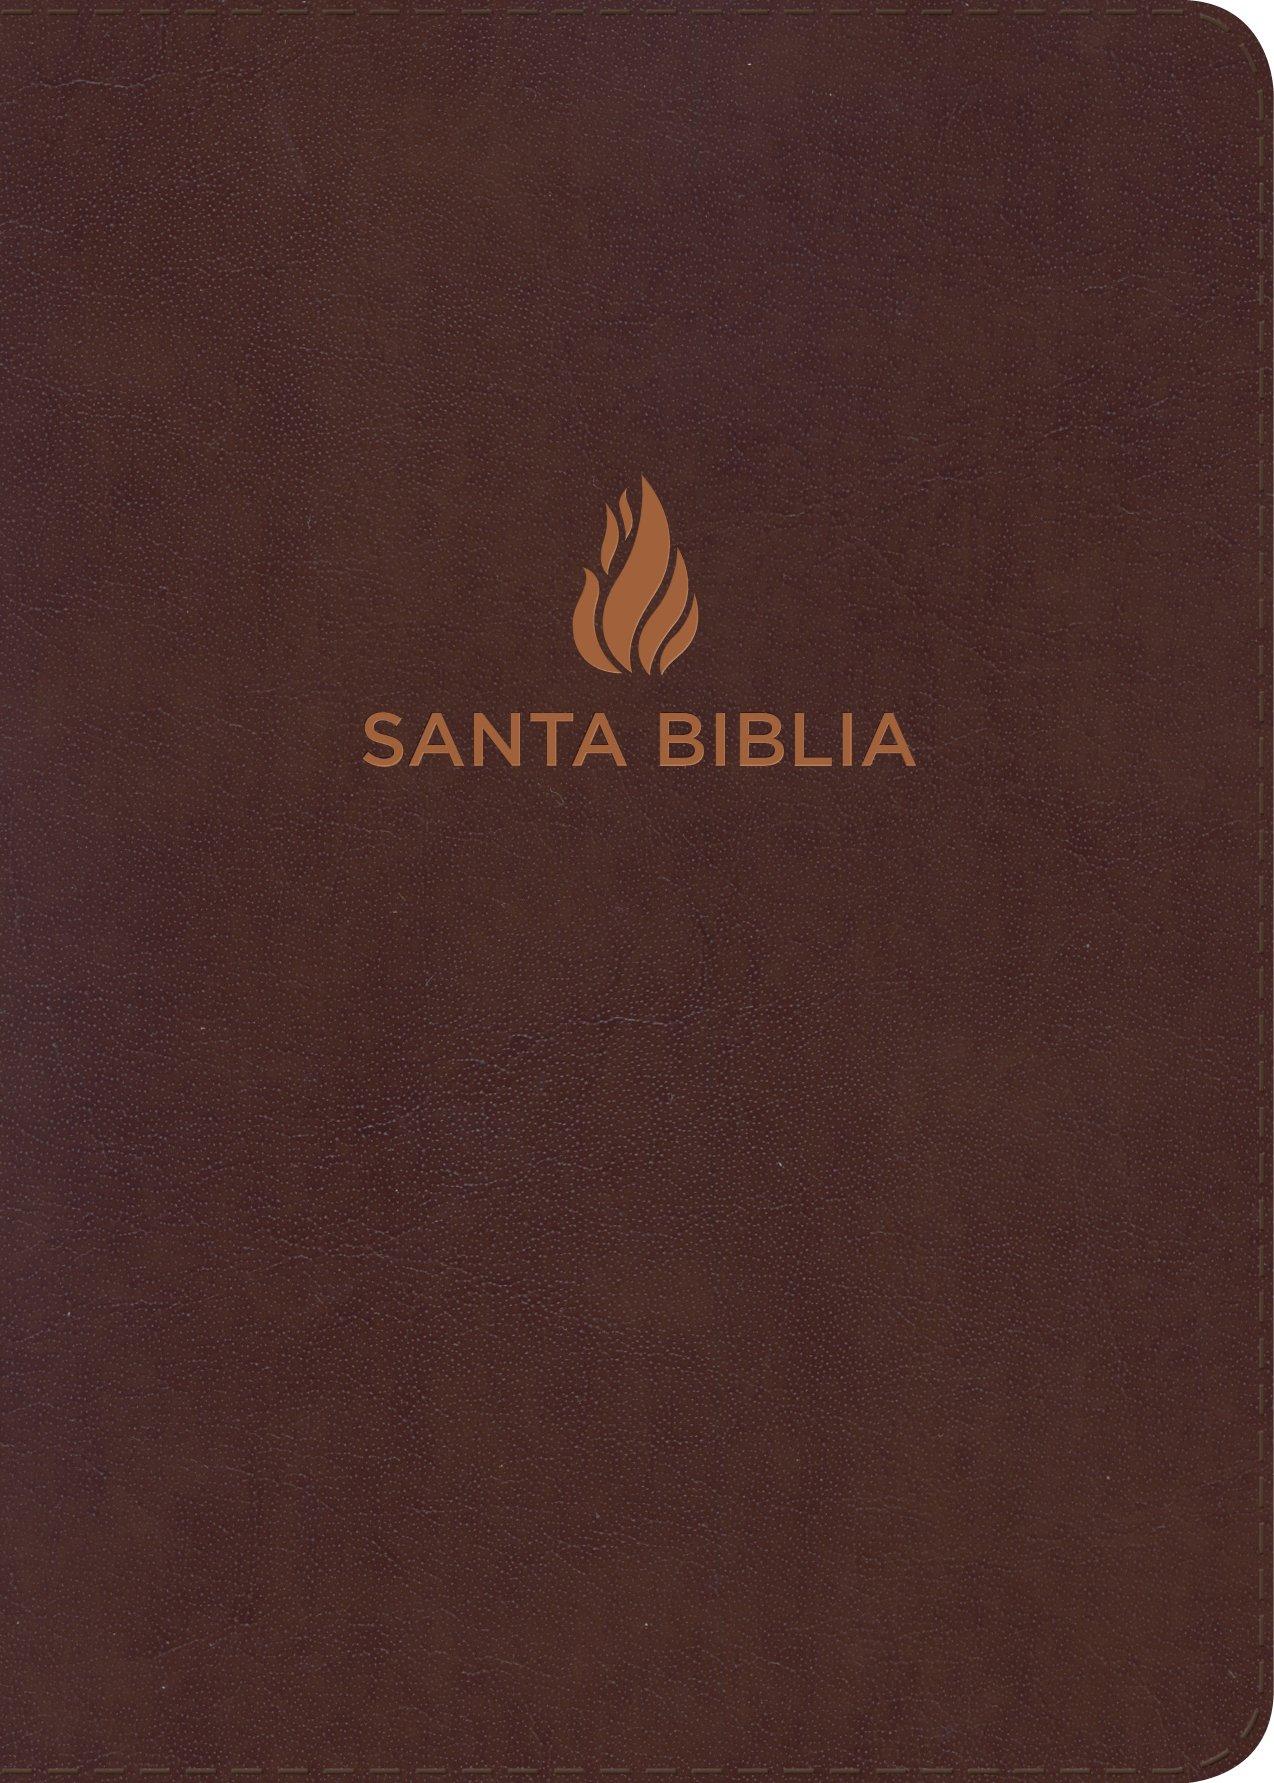 Read Online RVR 1960 Biblia Letra Grande Tamaño Manual marrón, piel fabricada (Spanish Edition) ebook